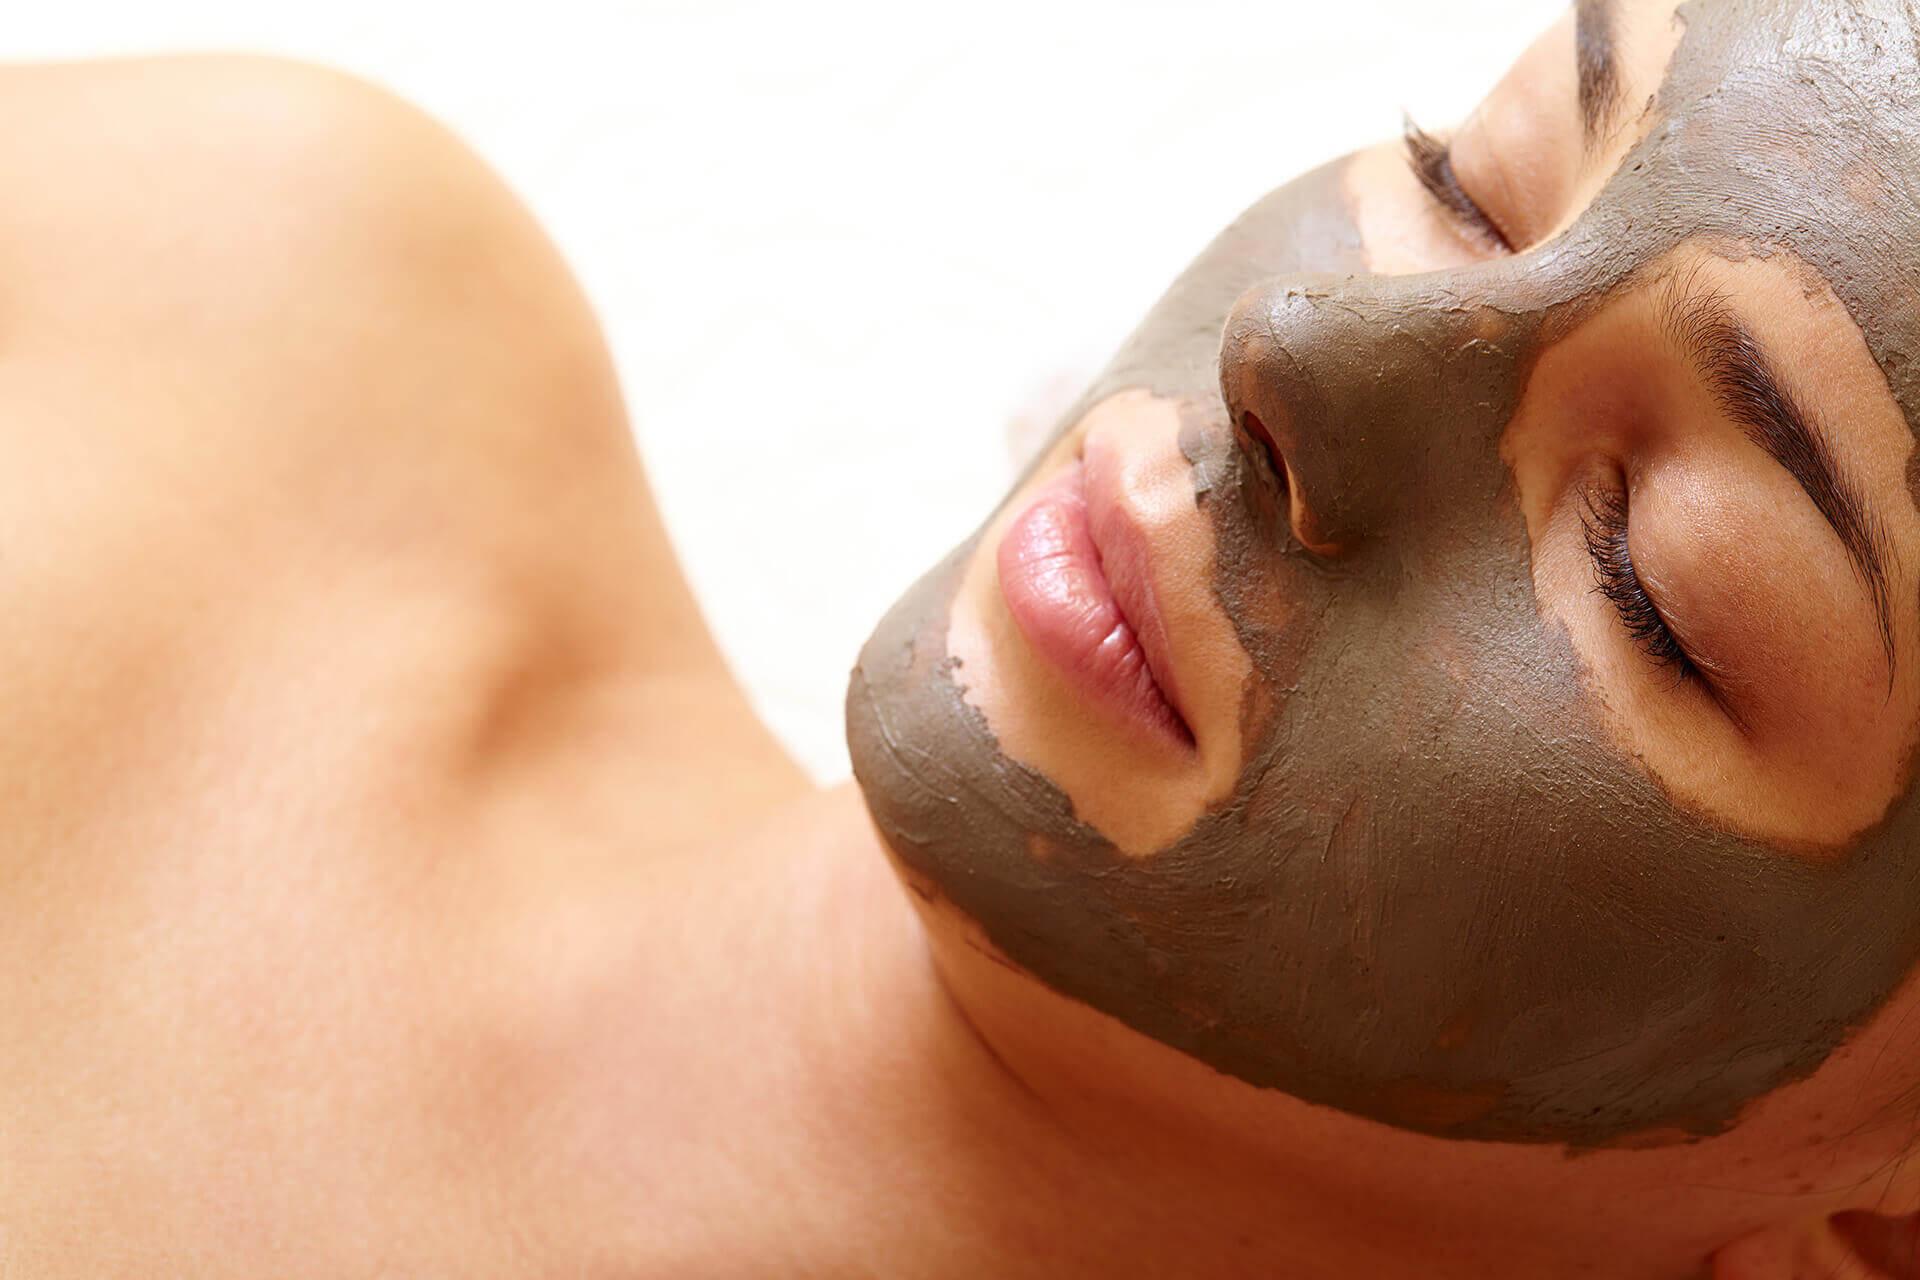 massage - Majesitc woman Mud Mask 1 - Home